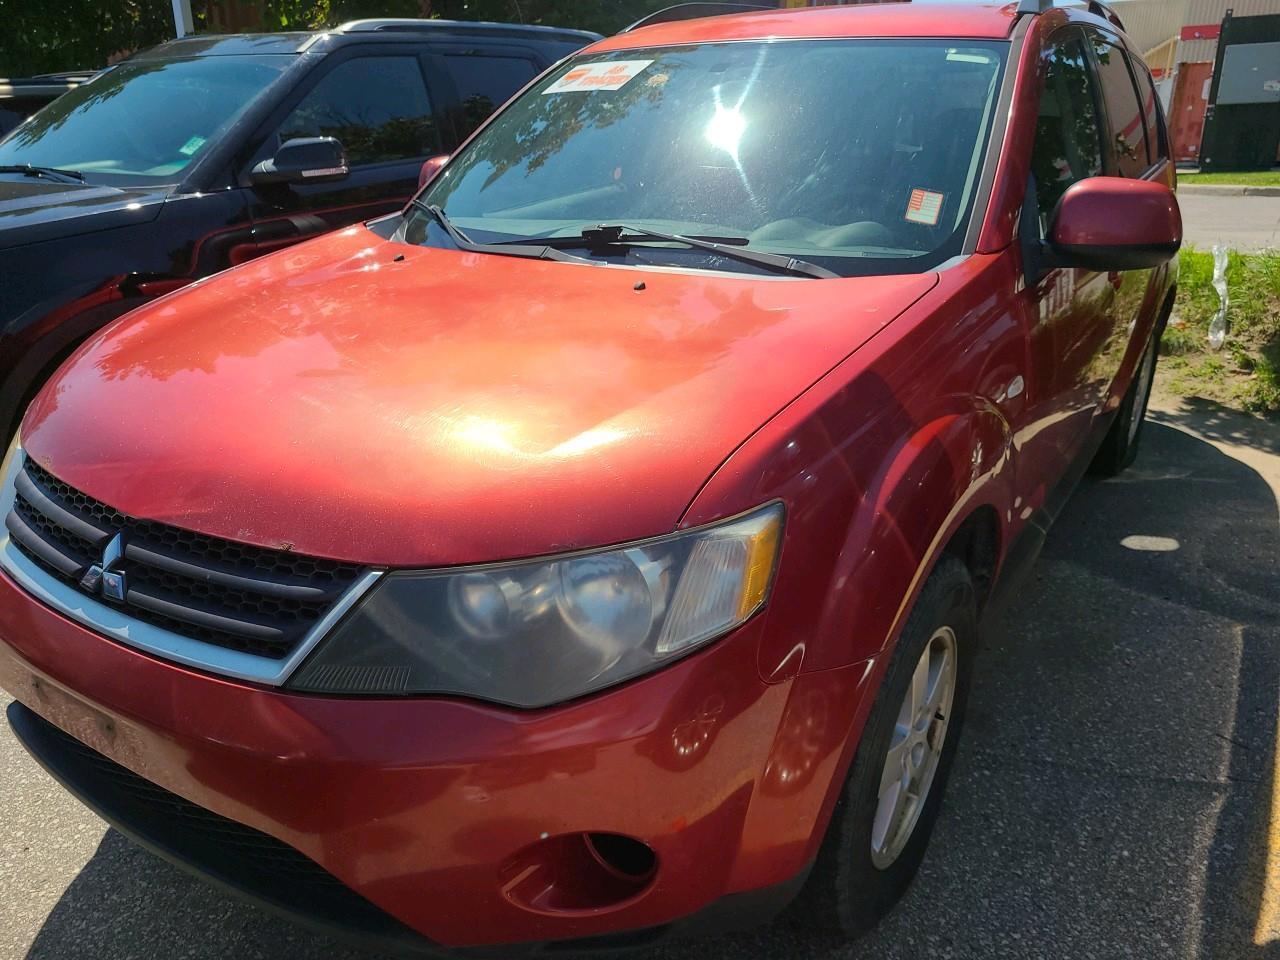 used 2009 Mitsubishi Outlander car, priced at $4,100